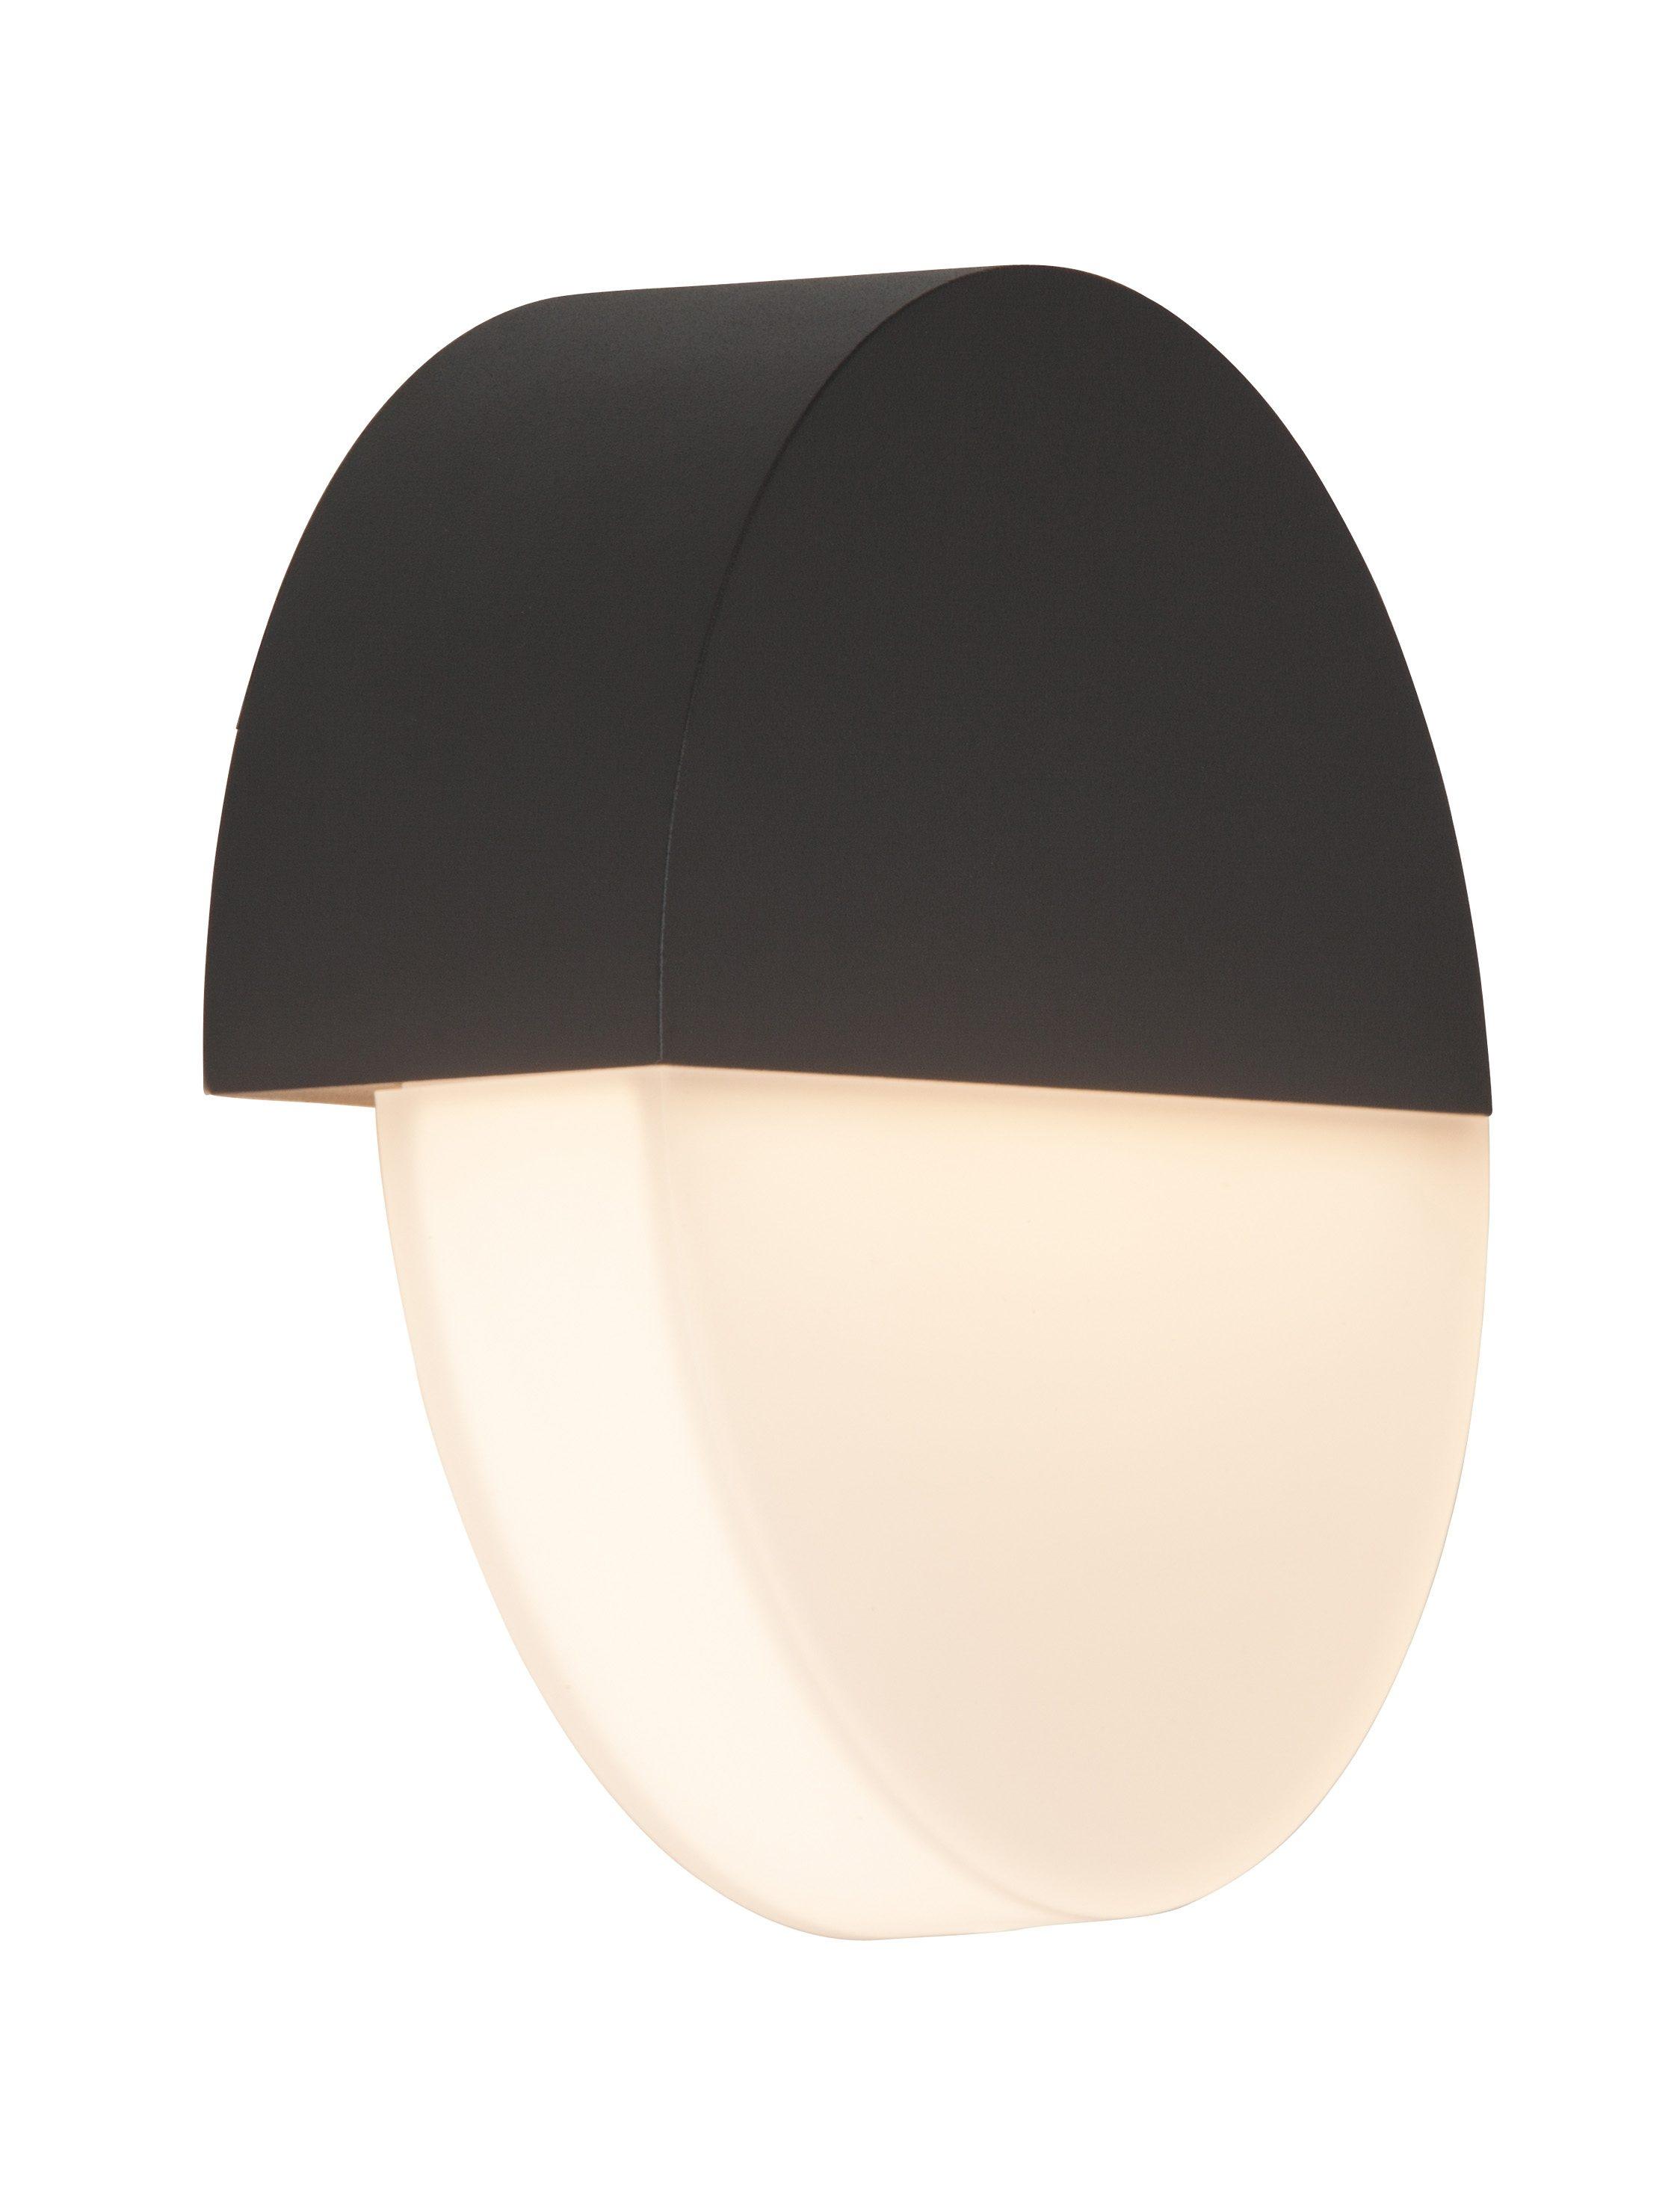 Brilliant Leuchten LED Außenleuchte, Wandleuchte, 1flg., »ZEN«